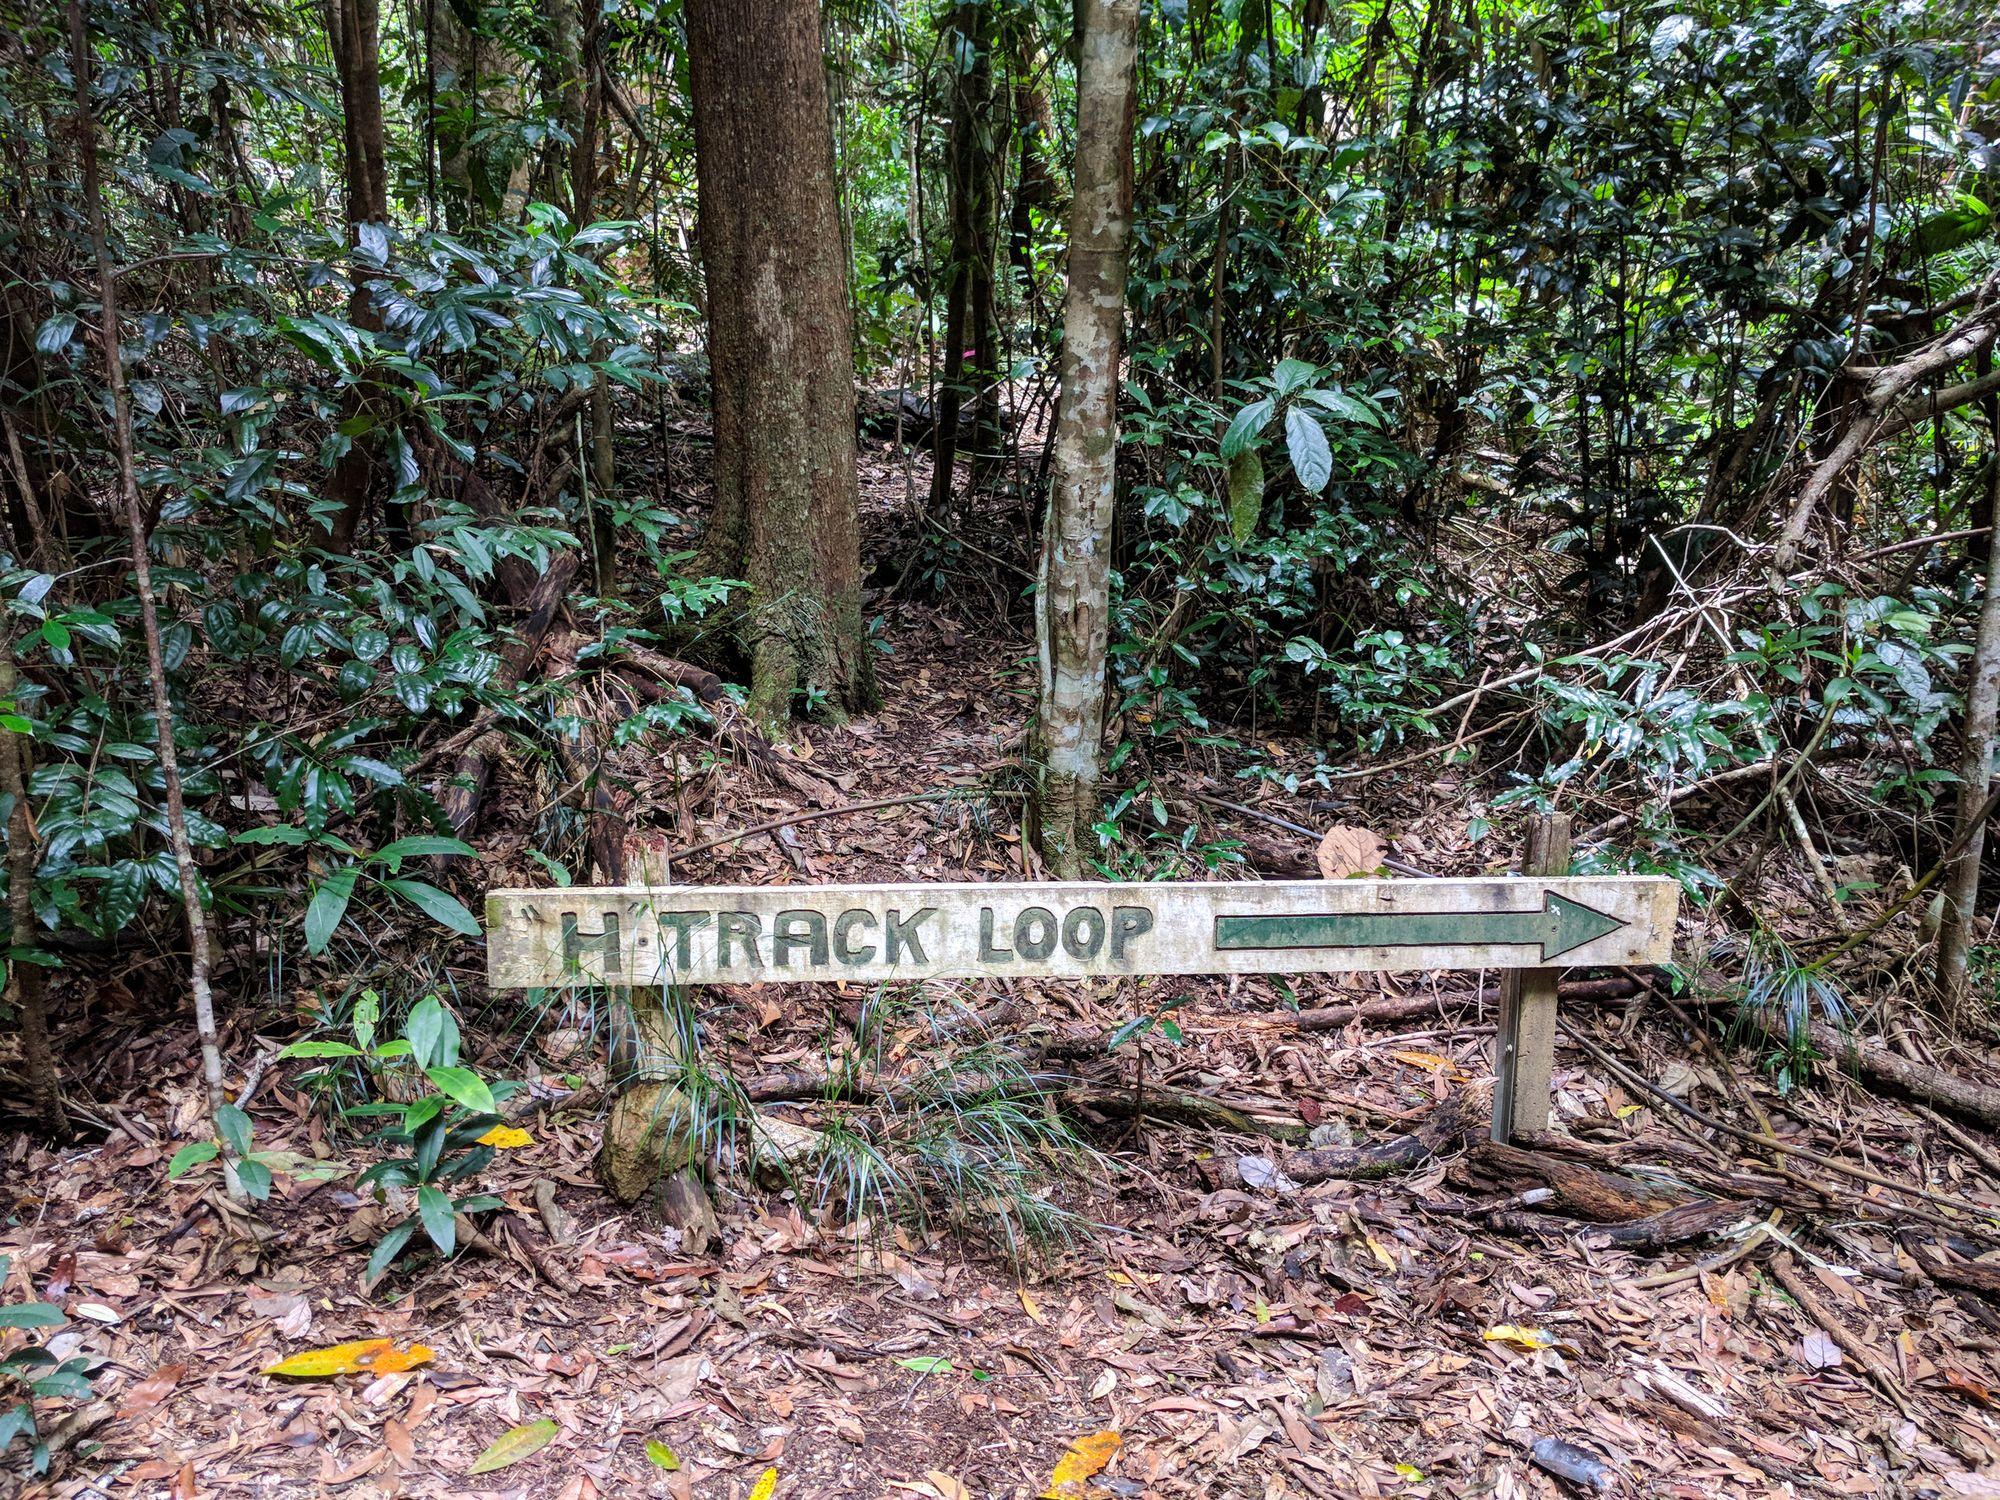 H Track Loop Sign